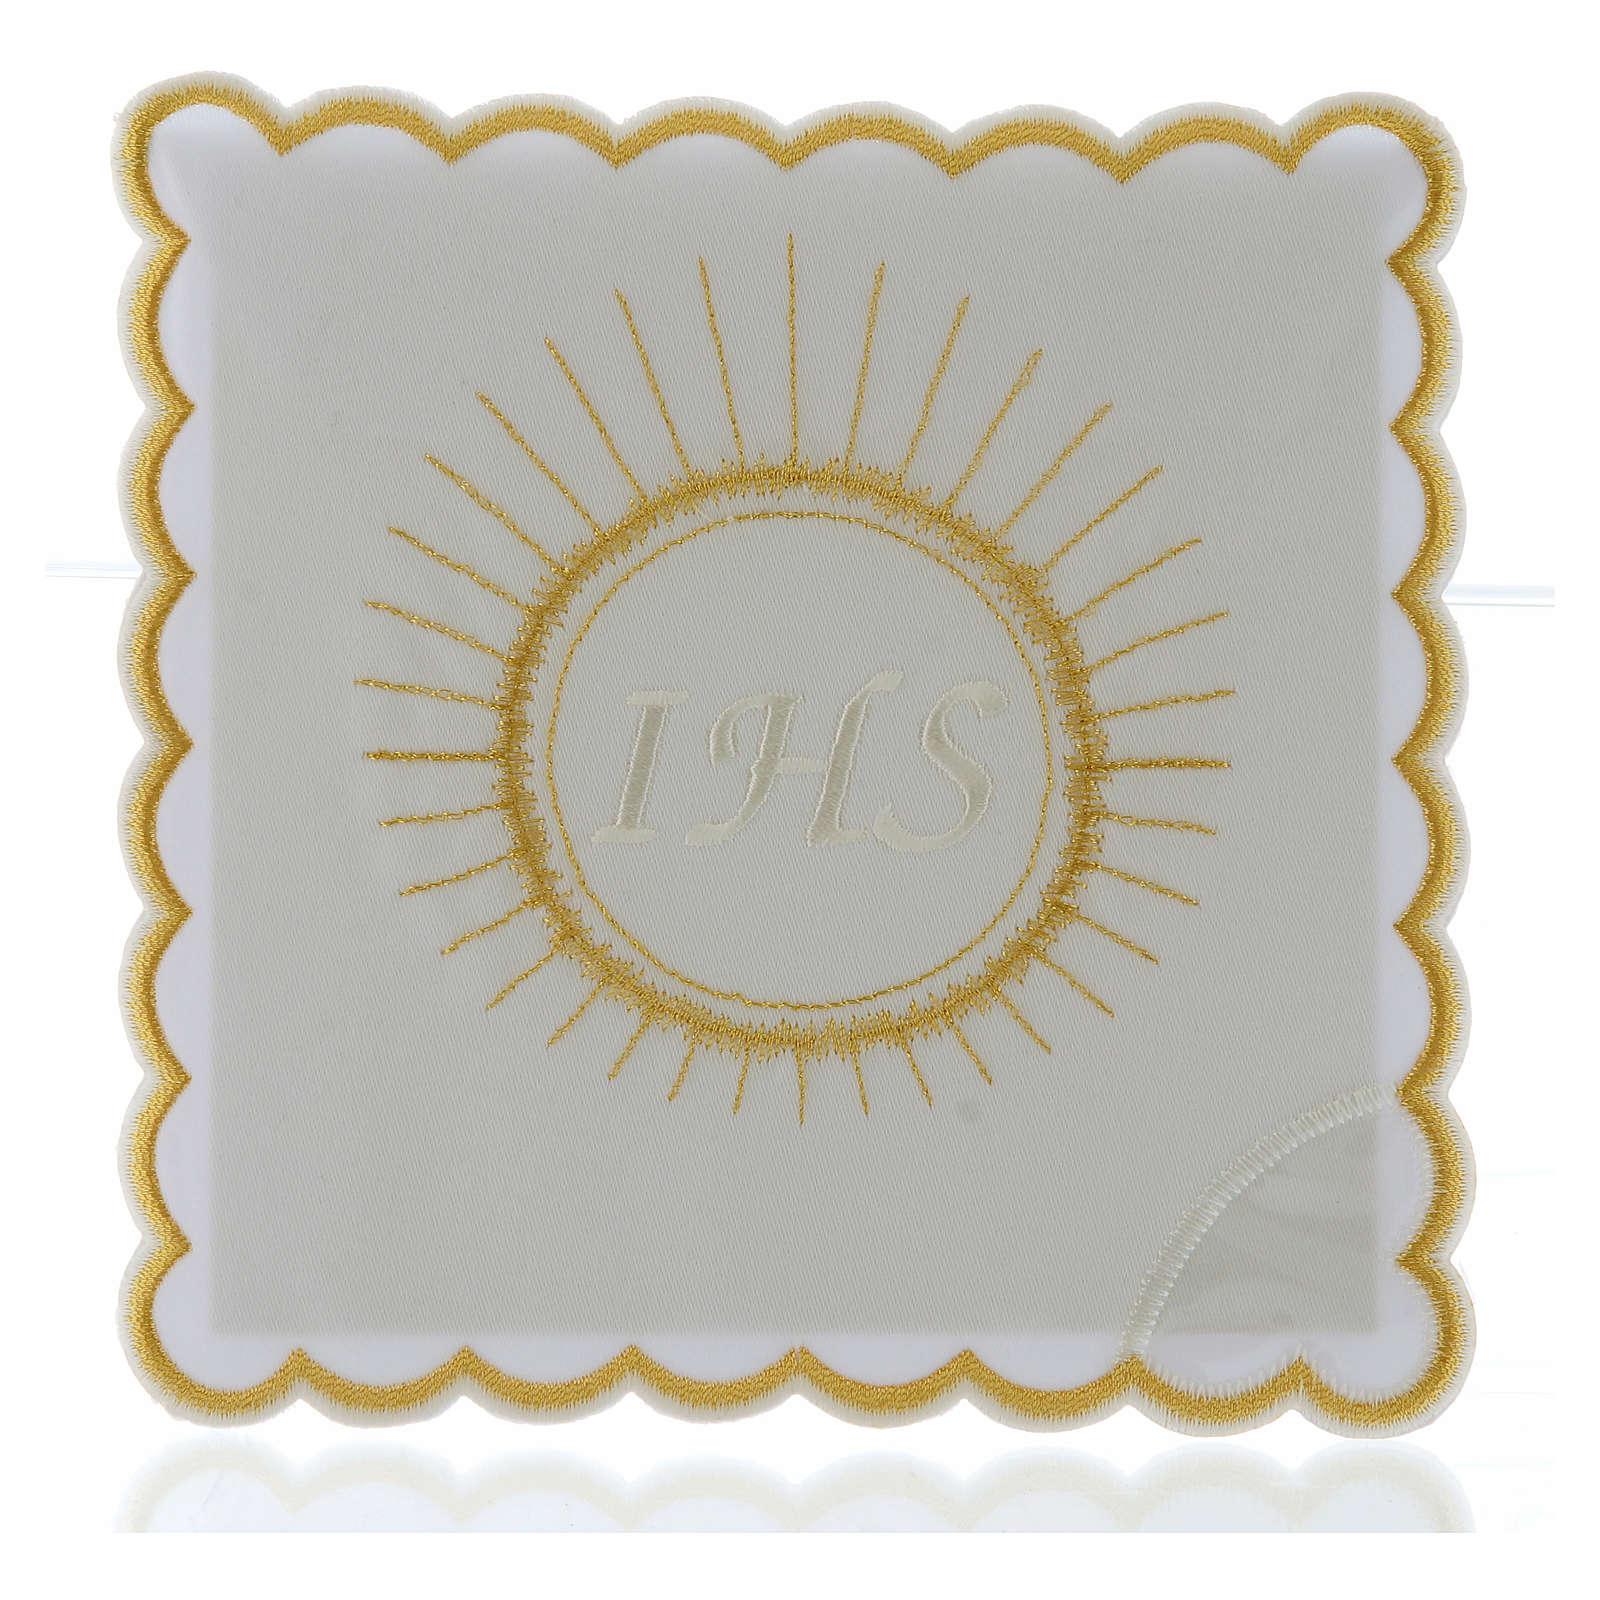 Servizio da altare cotone ostia ricamo bianco IHS 4